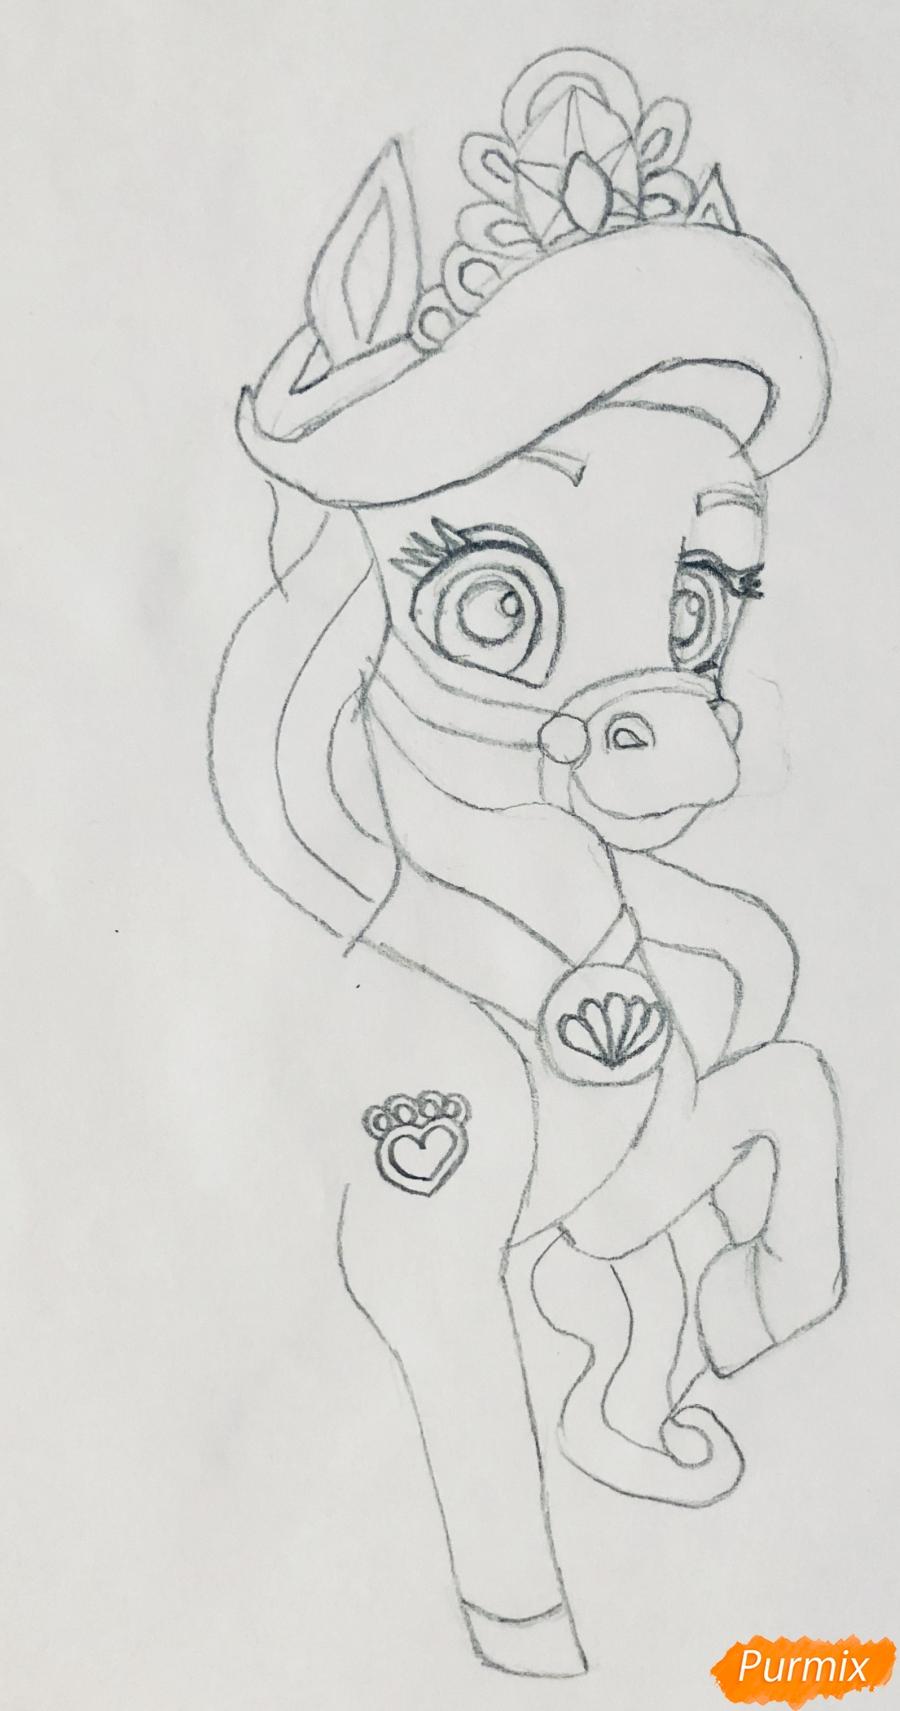 Рисуем лошадку Капельку питомца Ариэль из мультфильма Palace Pets - фото 5